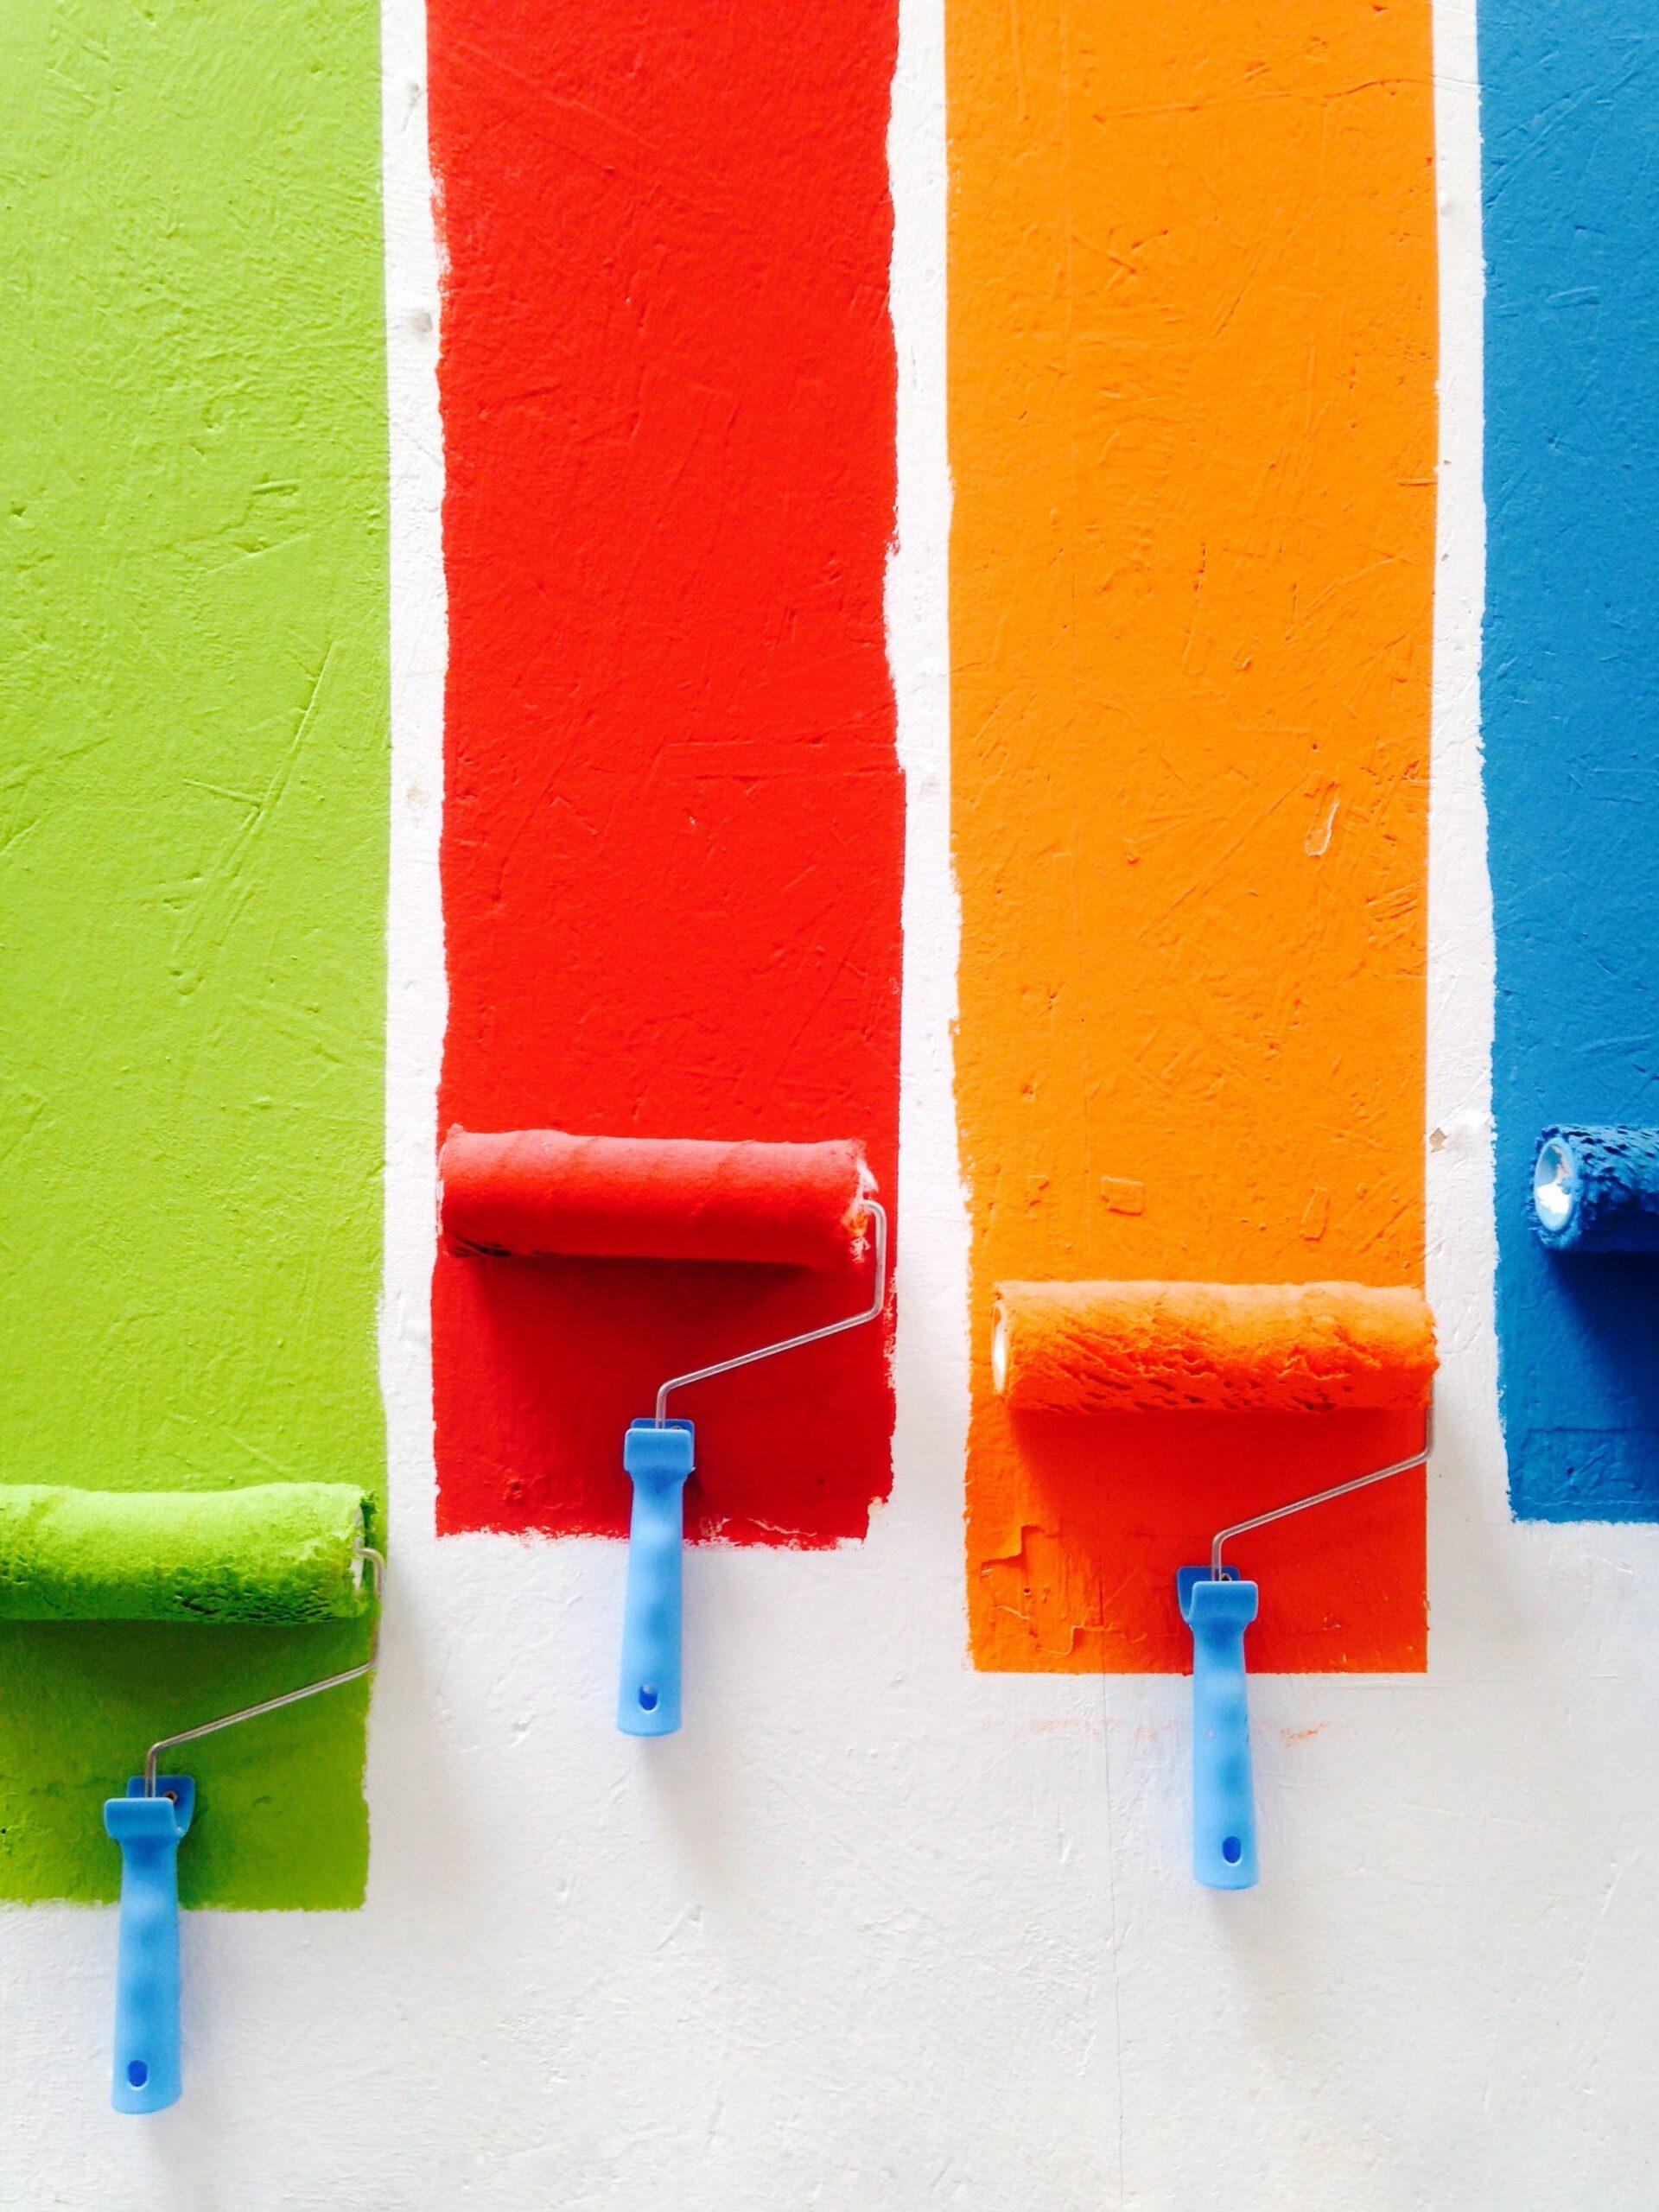 pris målare, målare, målning, måla, inomhusmålning,